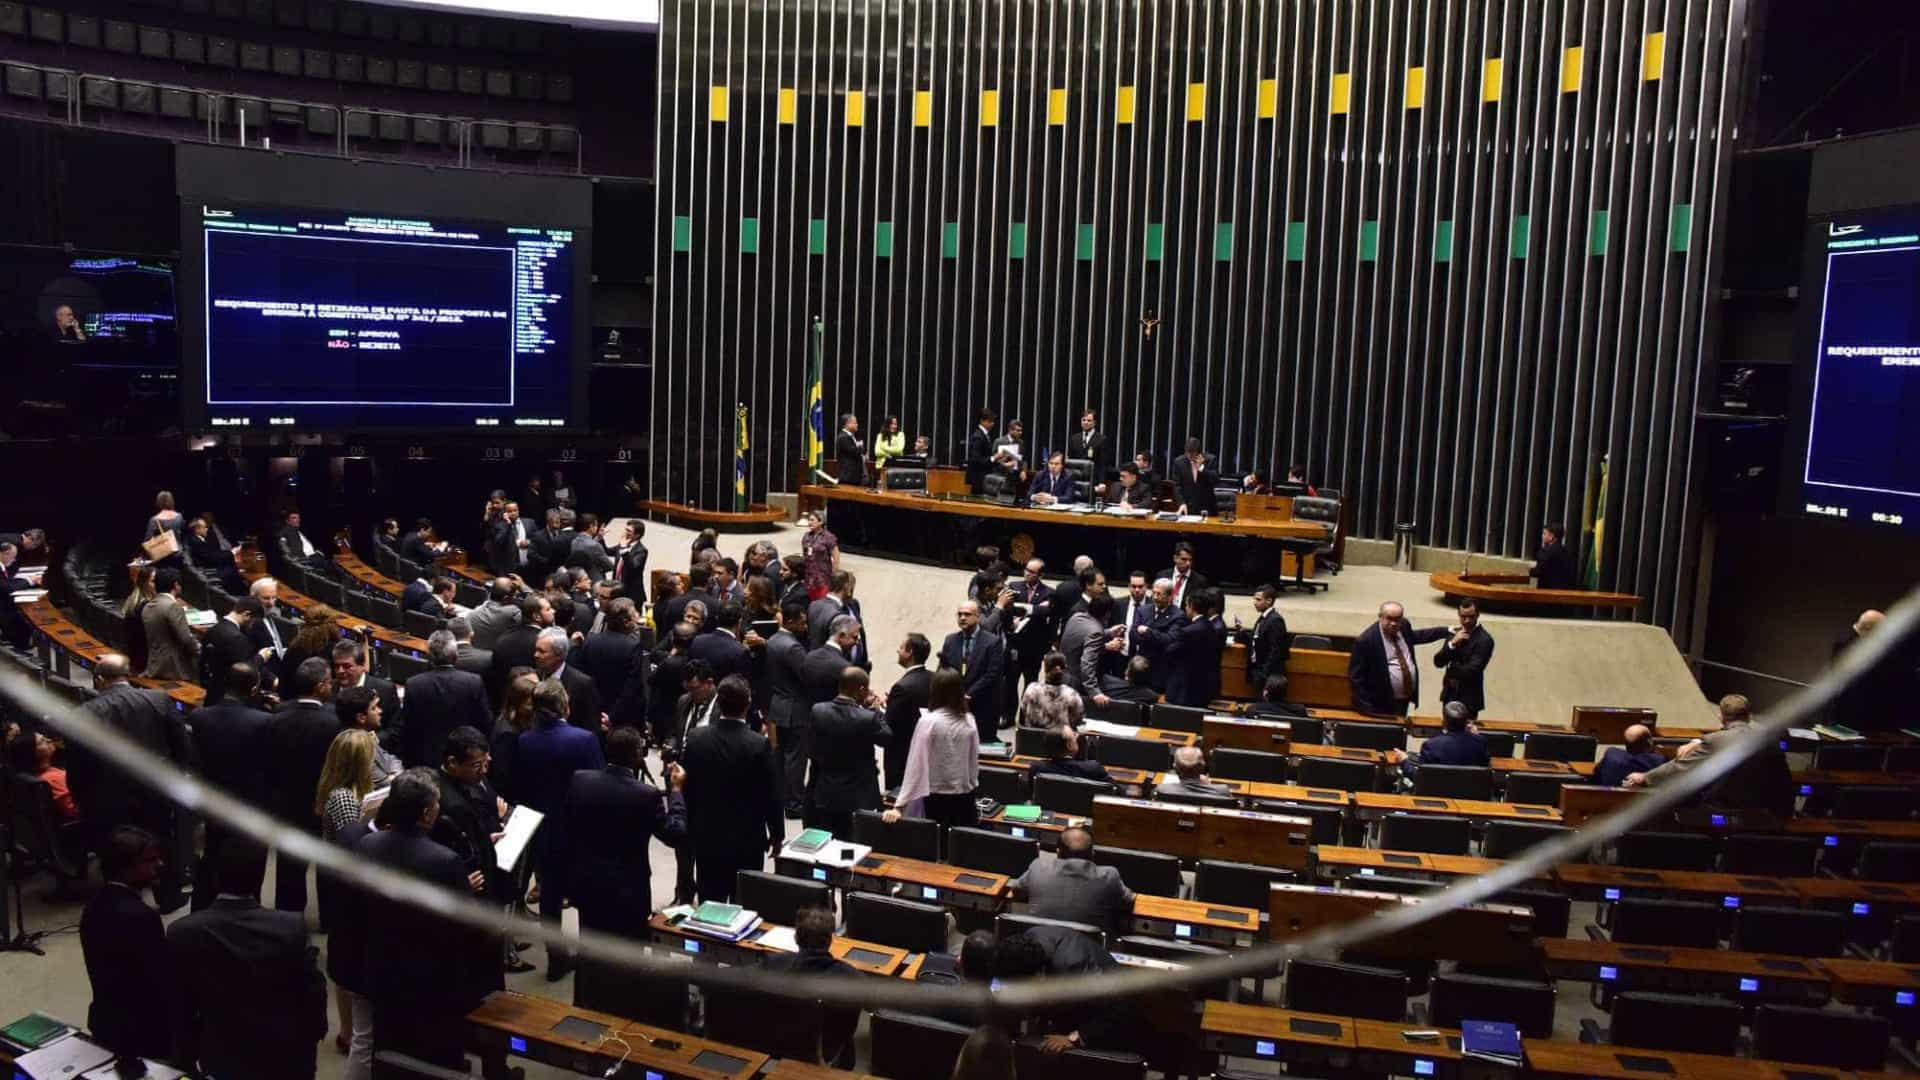 Câmara prevê votar projetos que podem causar rombo de R$ 47 bilhões